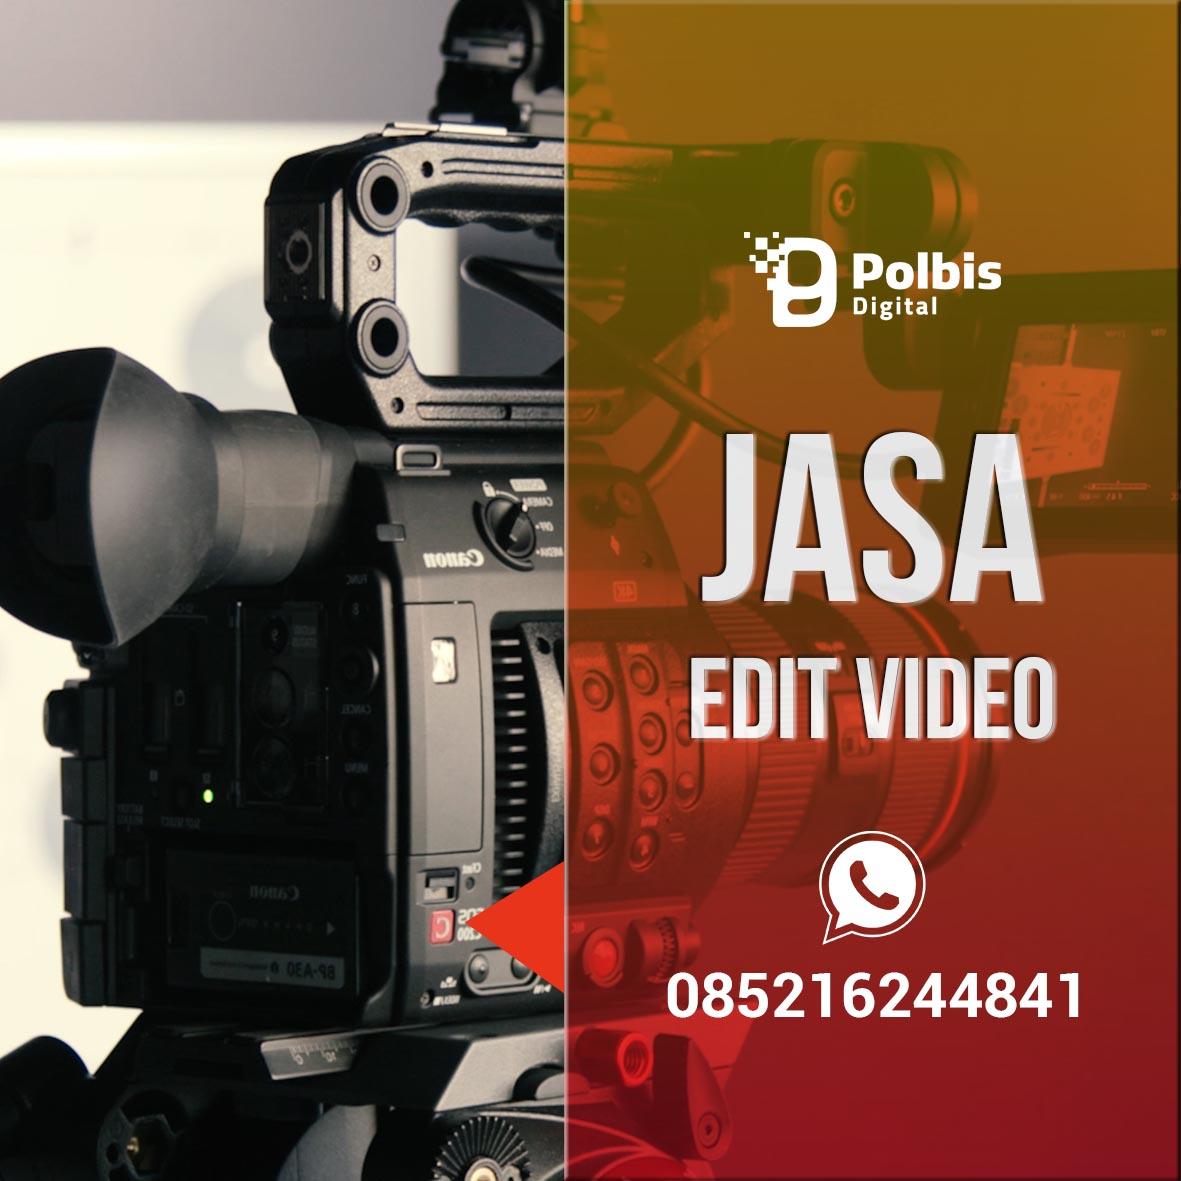 JASA EDIT VIDEO MURAH DAN BERKUALITAS DI PROVINSI JAWA TENGAH